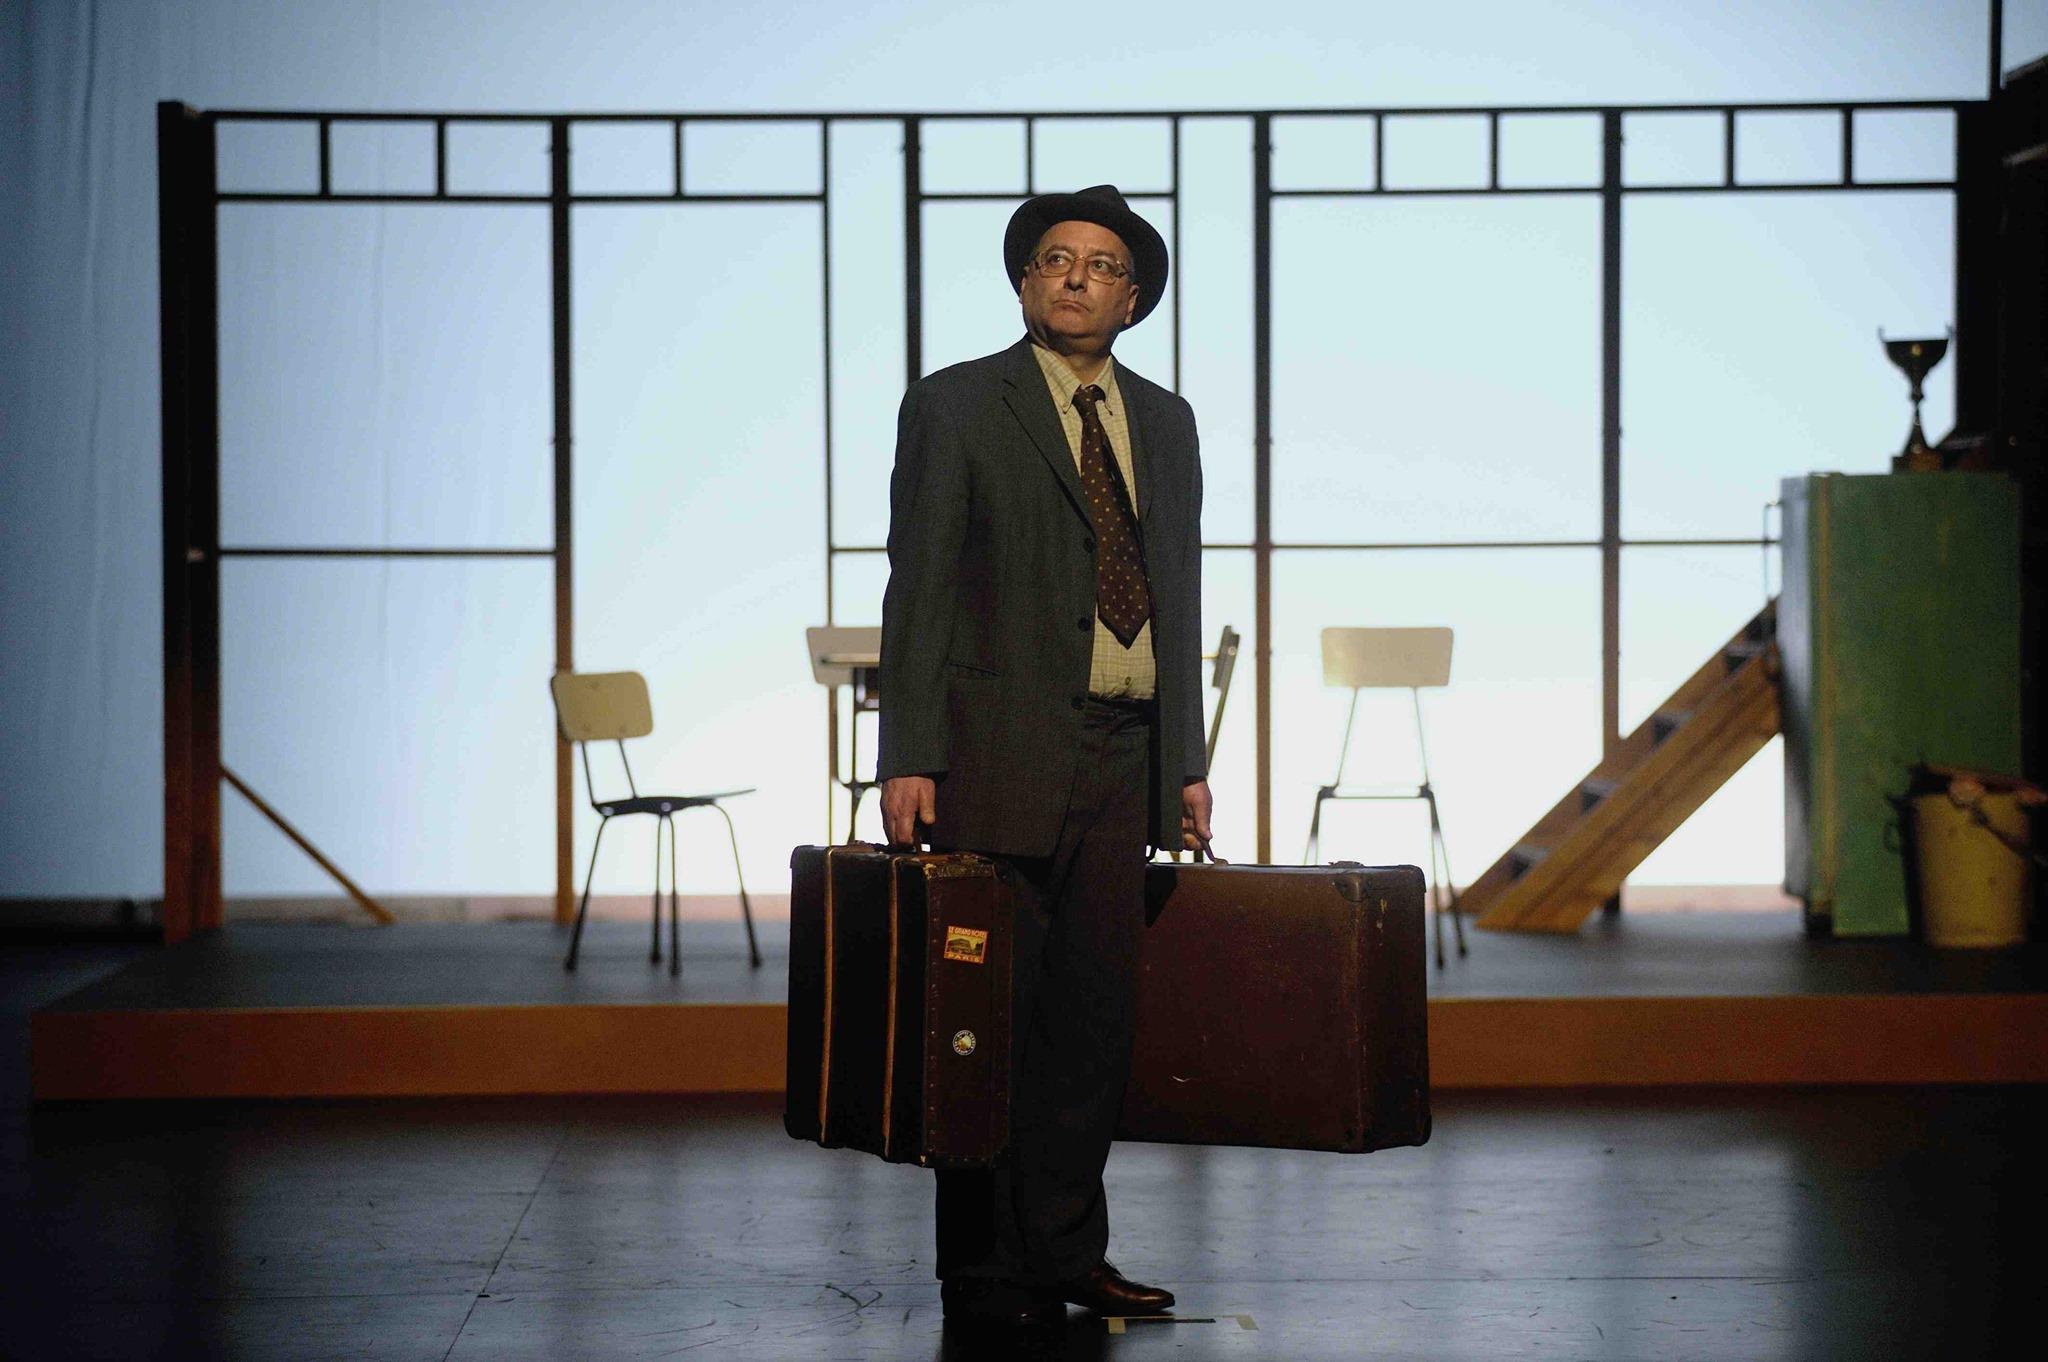 Morte de um caixeiro viajante, de Arthur Miller   Encenação de Jorge Silva Melo